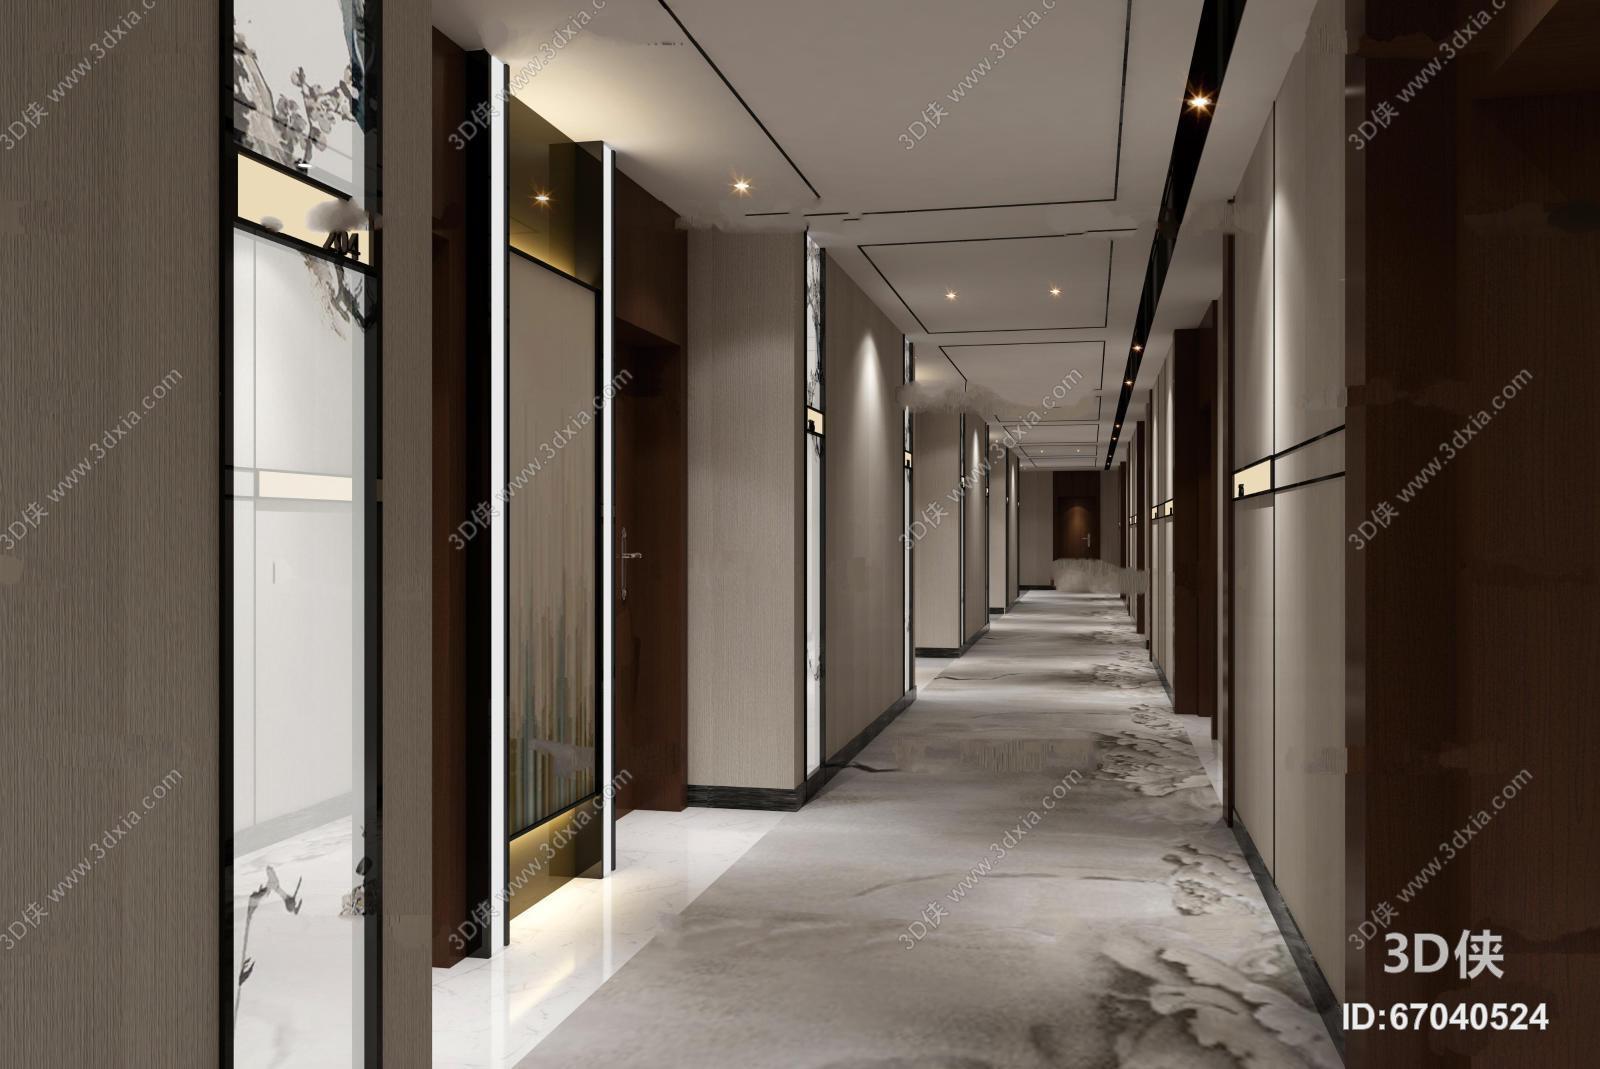 酒店玄关过道效果图素材免费下载,本作品主题是中式酒店走廊通道3d